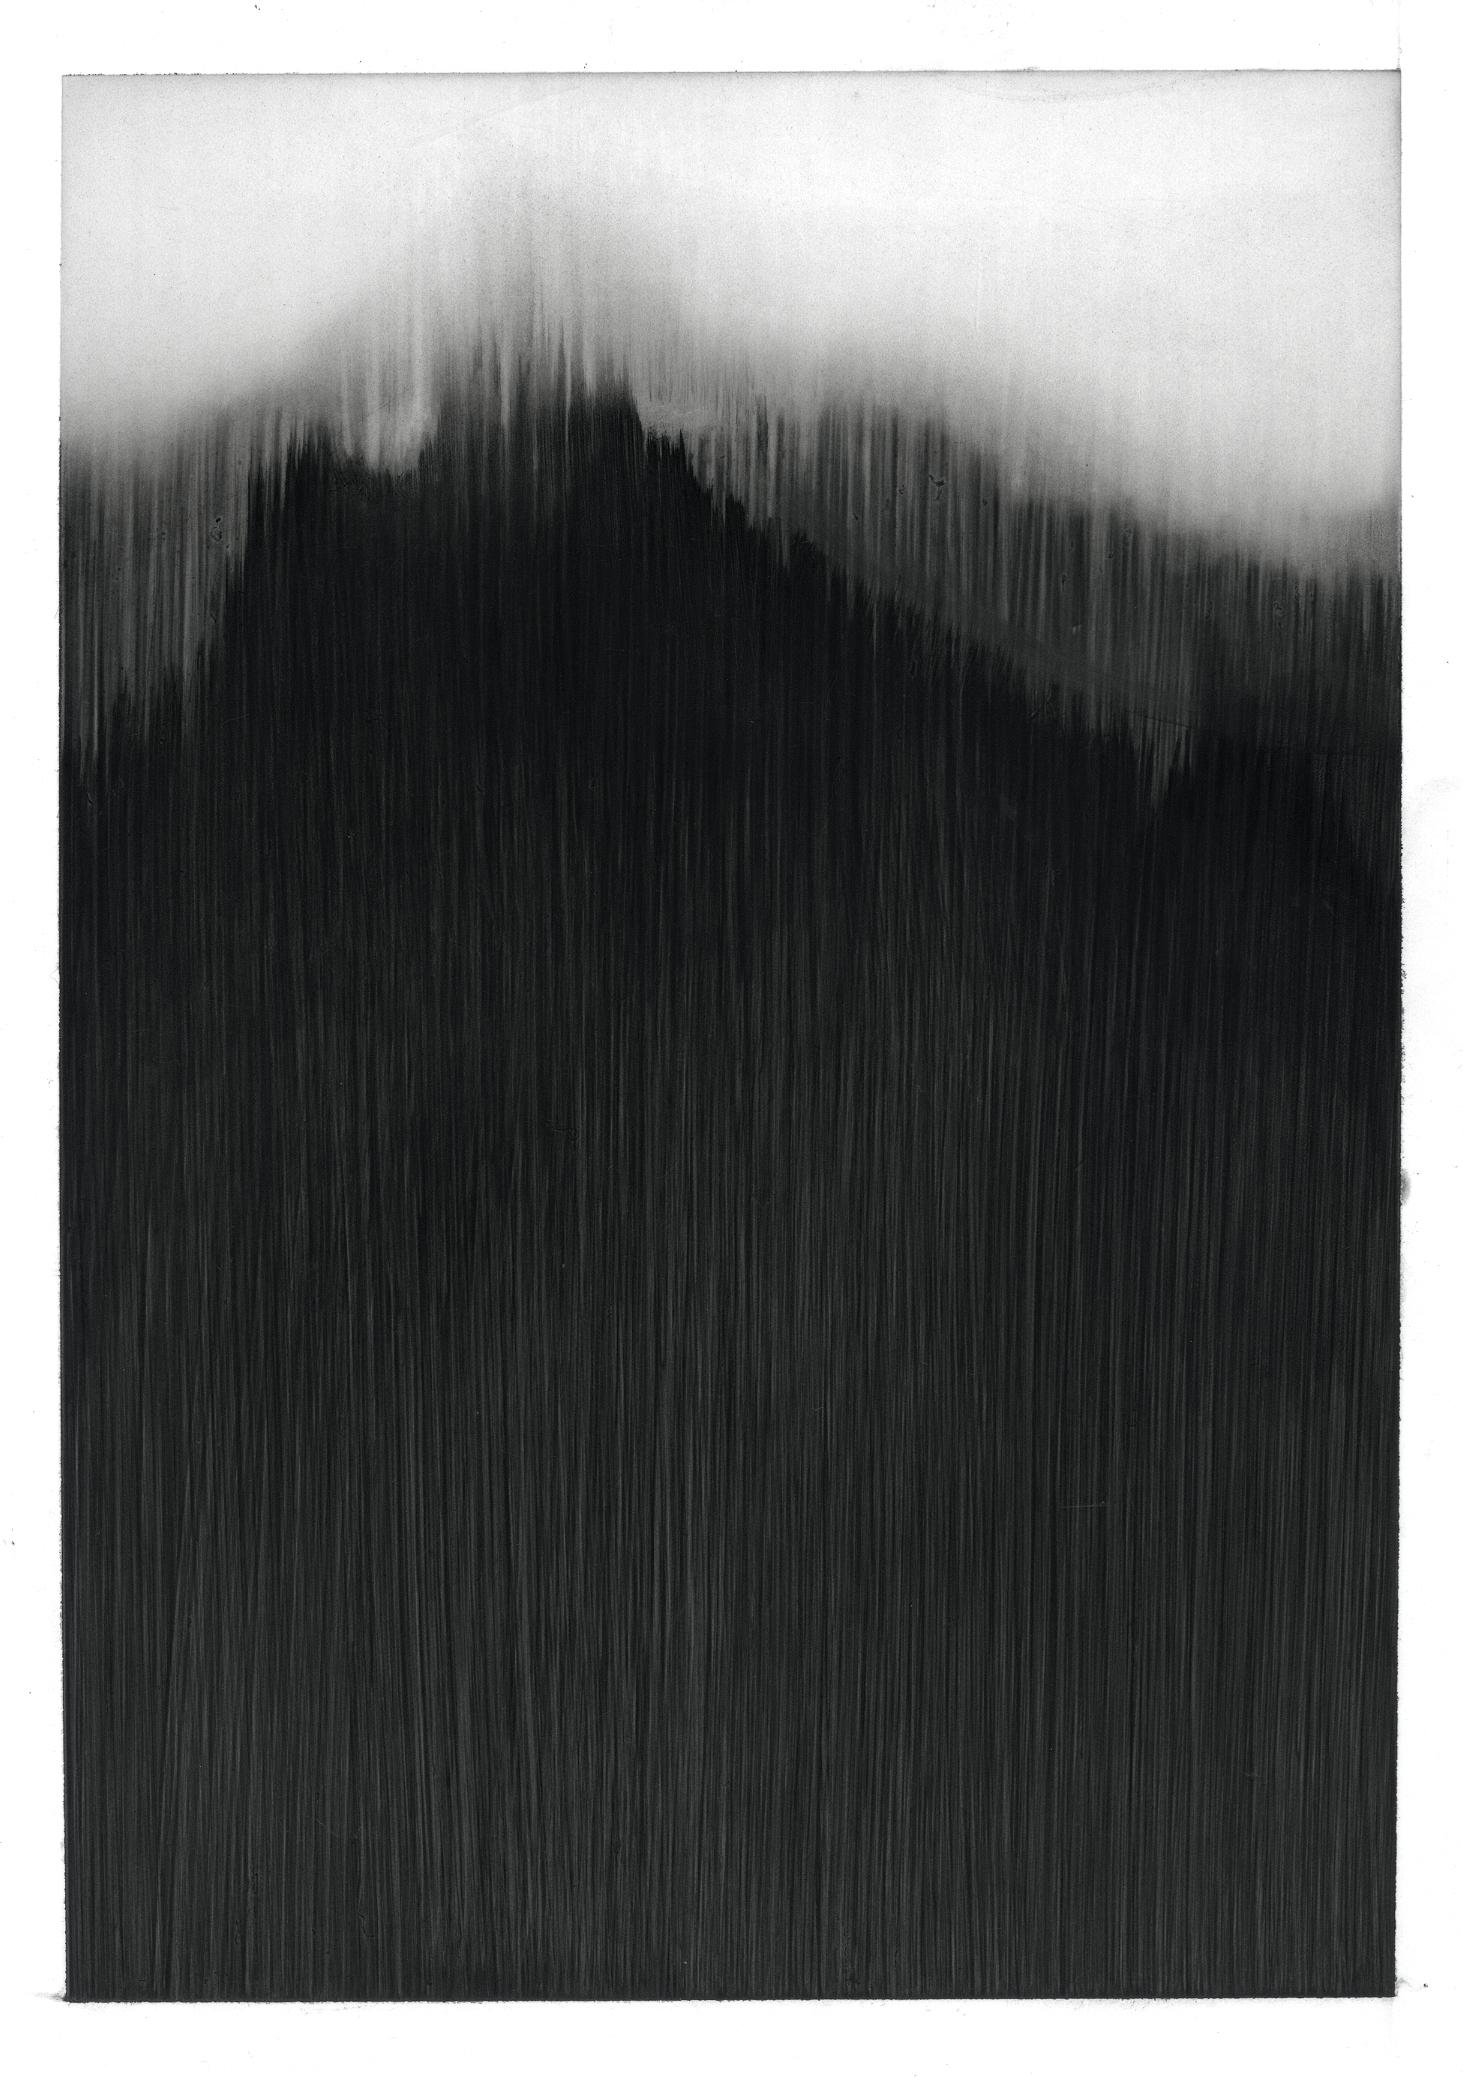 After the Rain: Castel Sant Elia 9.15